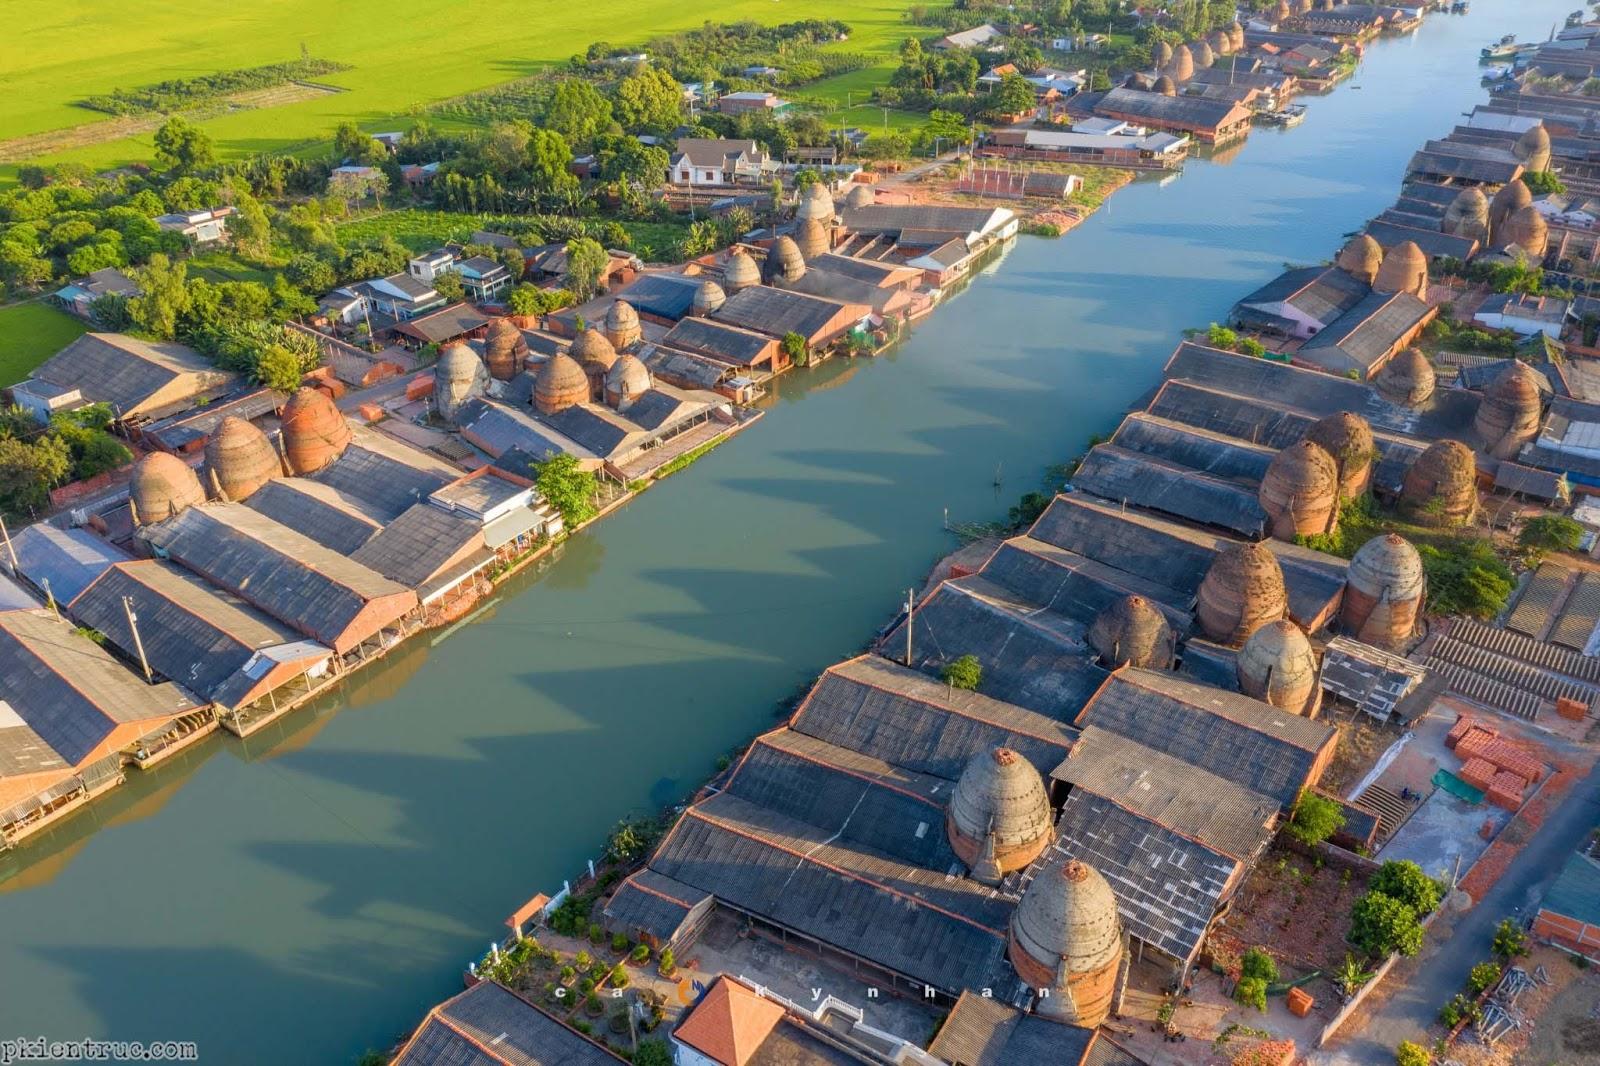 Ảnh chụp làng gốm Vĩnh Long trên cao- ảnh 5